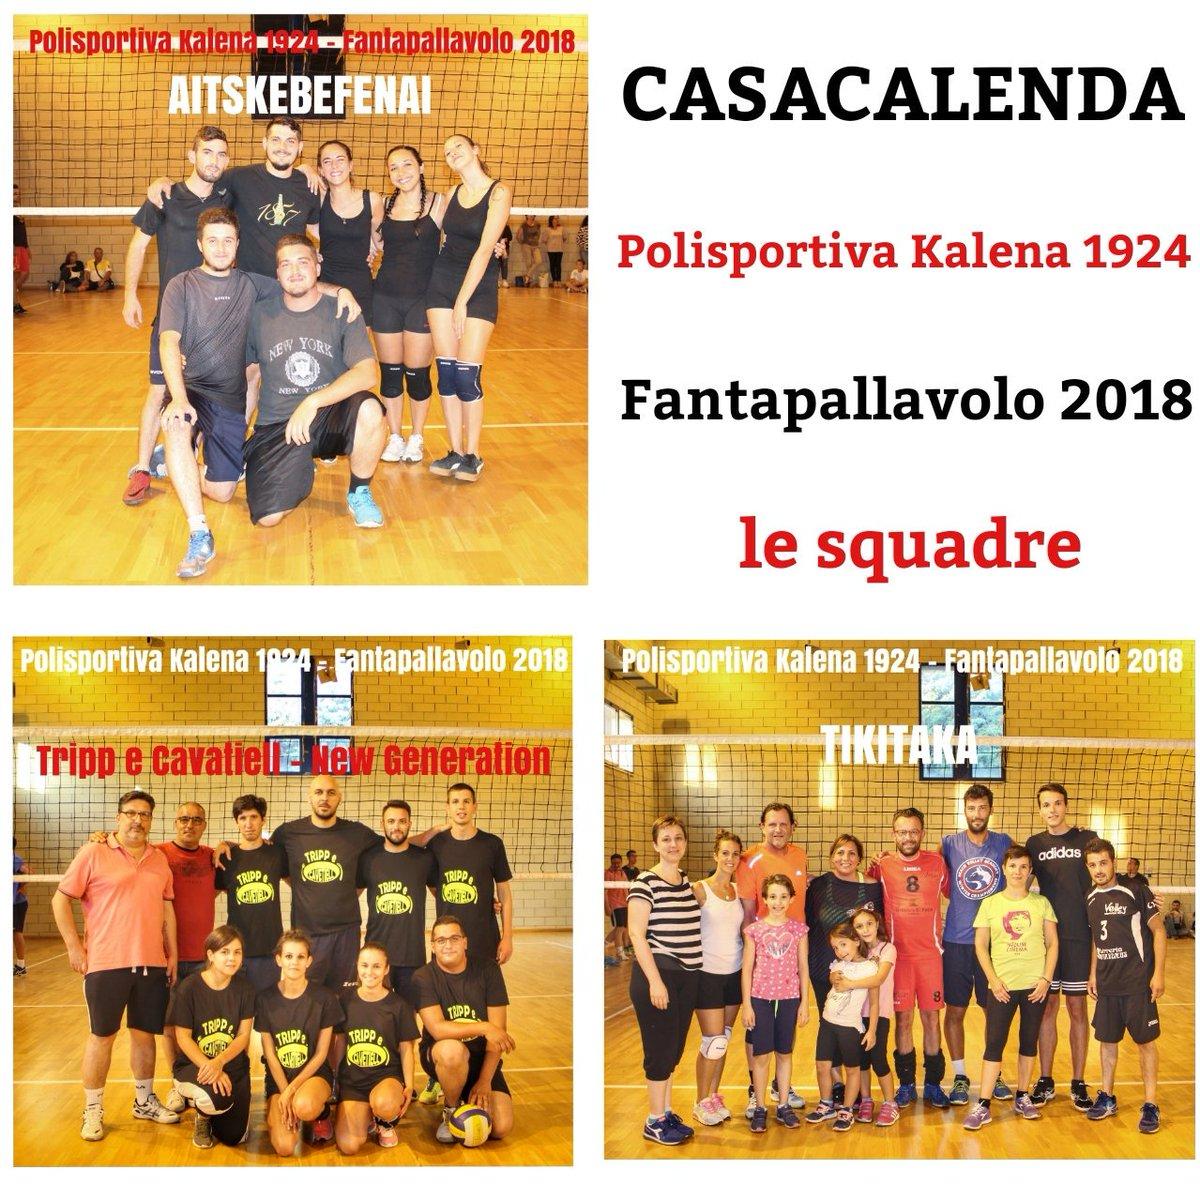 Le squadre iscritte al torneo di #FantaPallavolo2018 (17-25 agosto).#Casacalenda #Molise #sport #volley #pallavolo #fantapallavolo #estate2018  - Ukustom